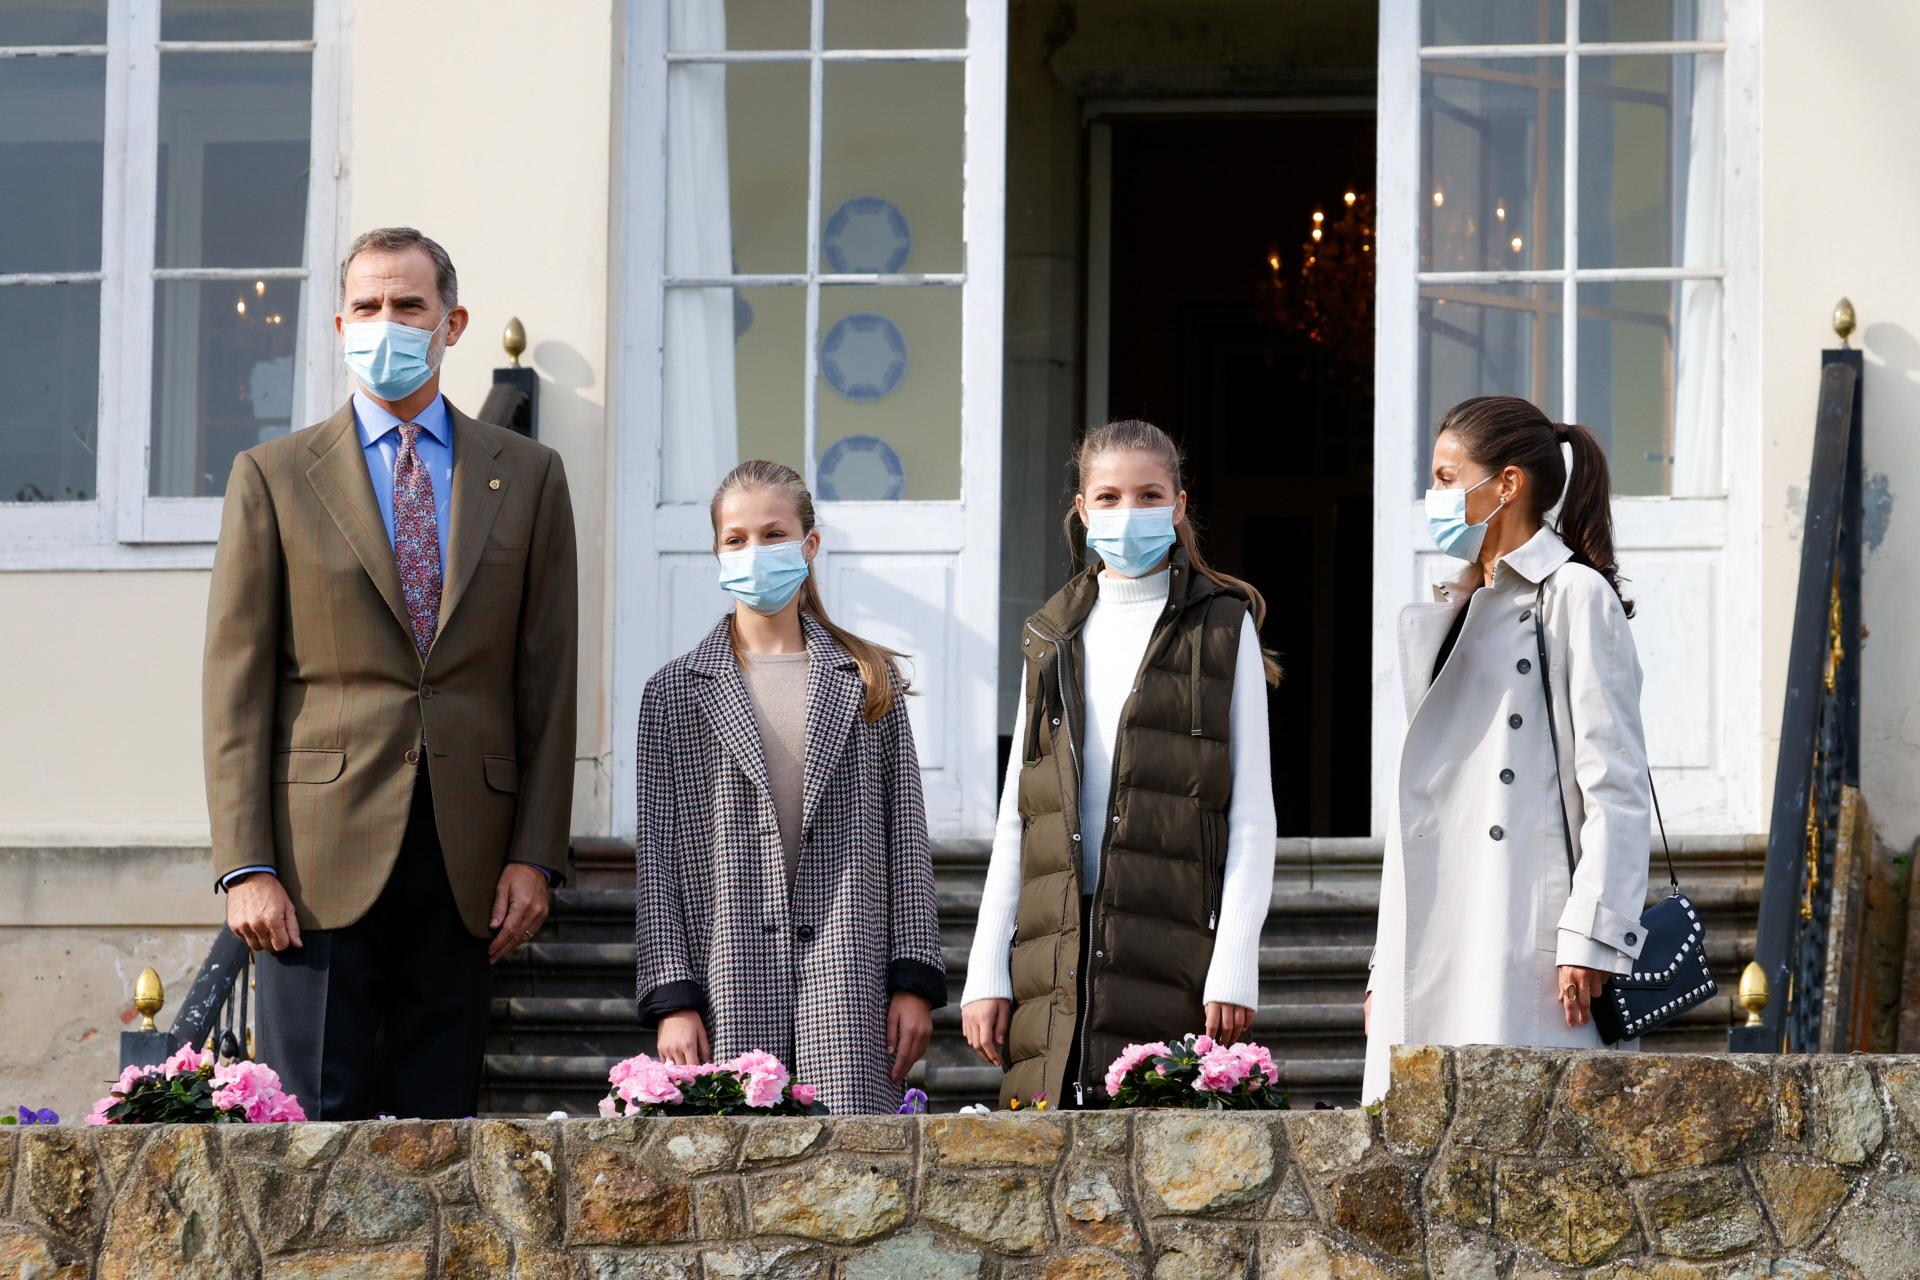 Los Reyes, la Princesa de Asturias y la infanta Sofía visitan Somao